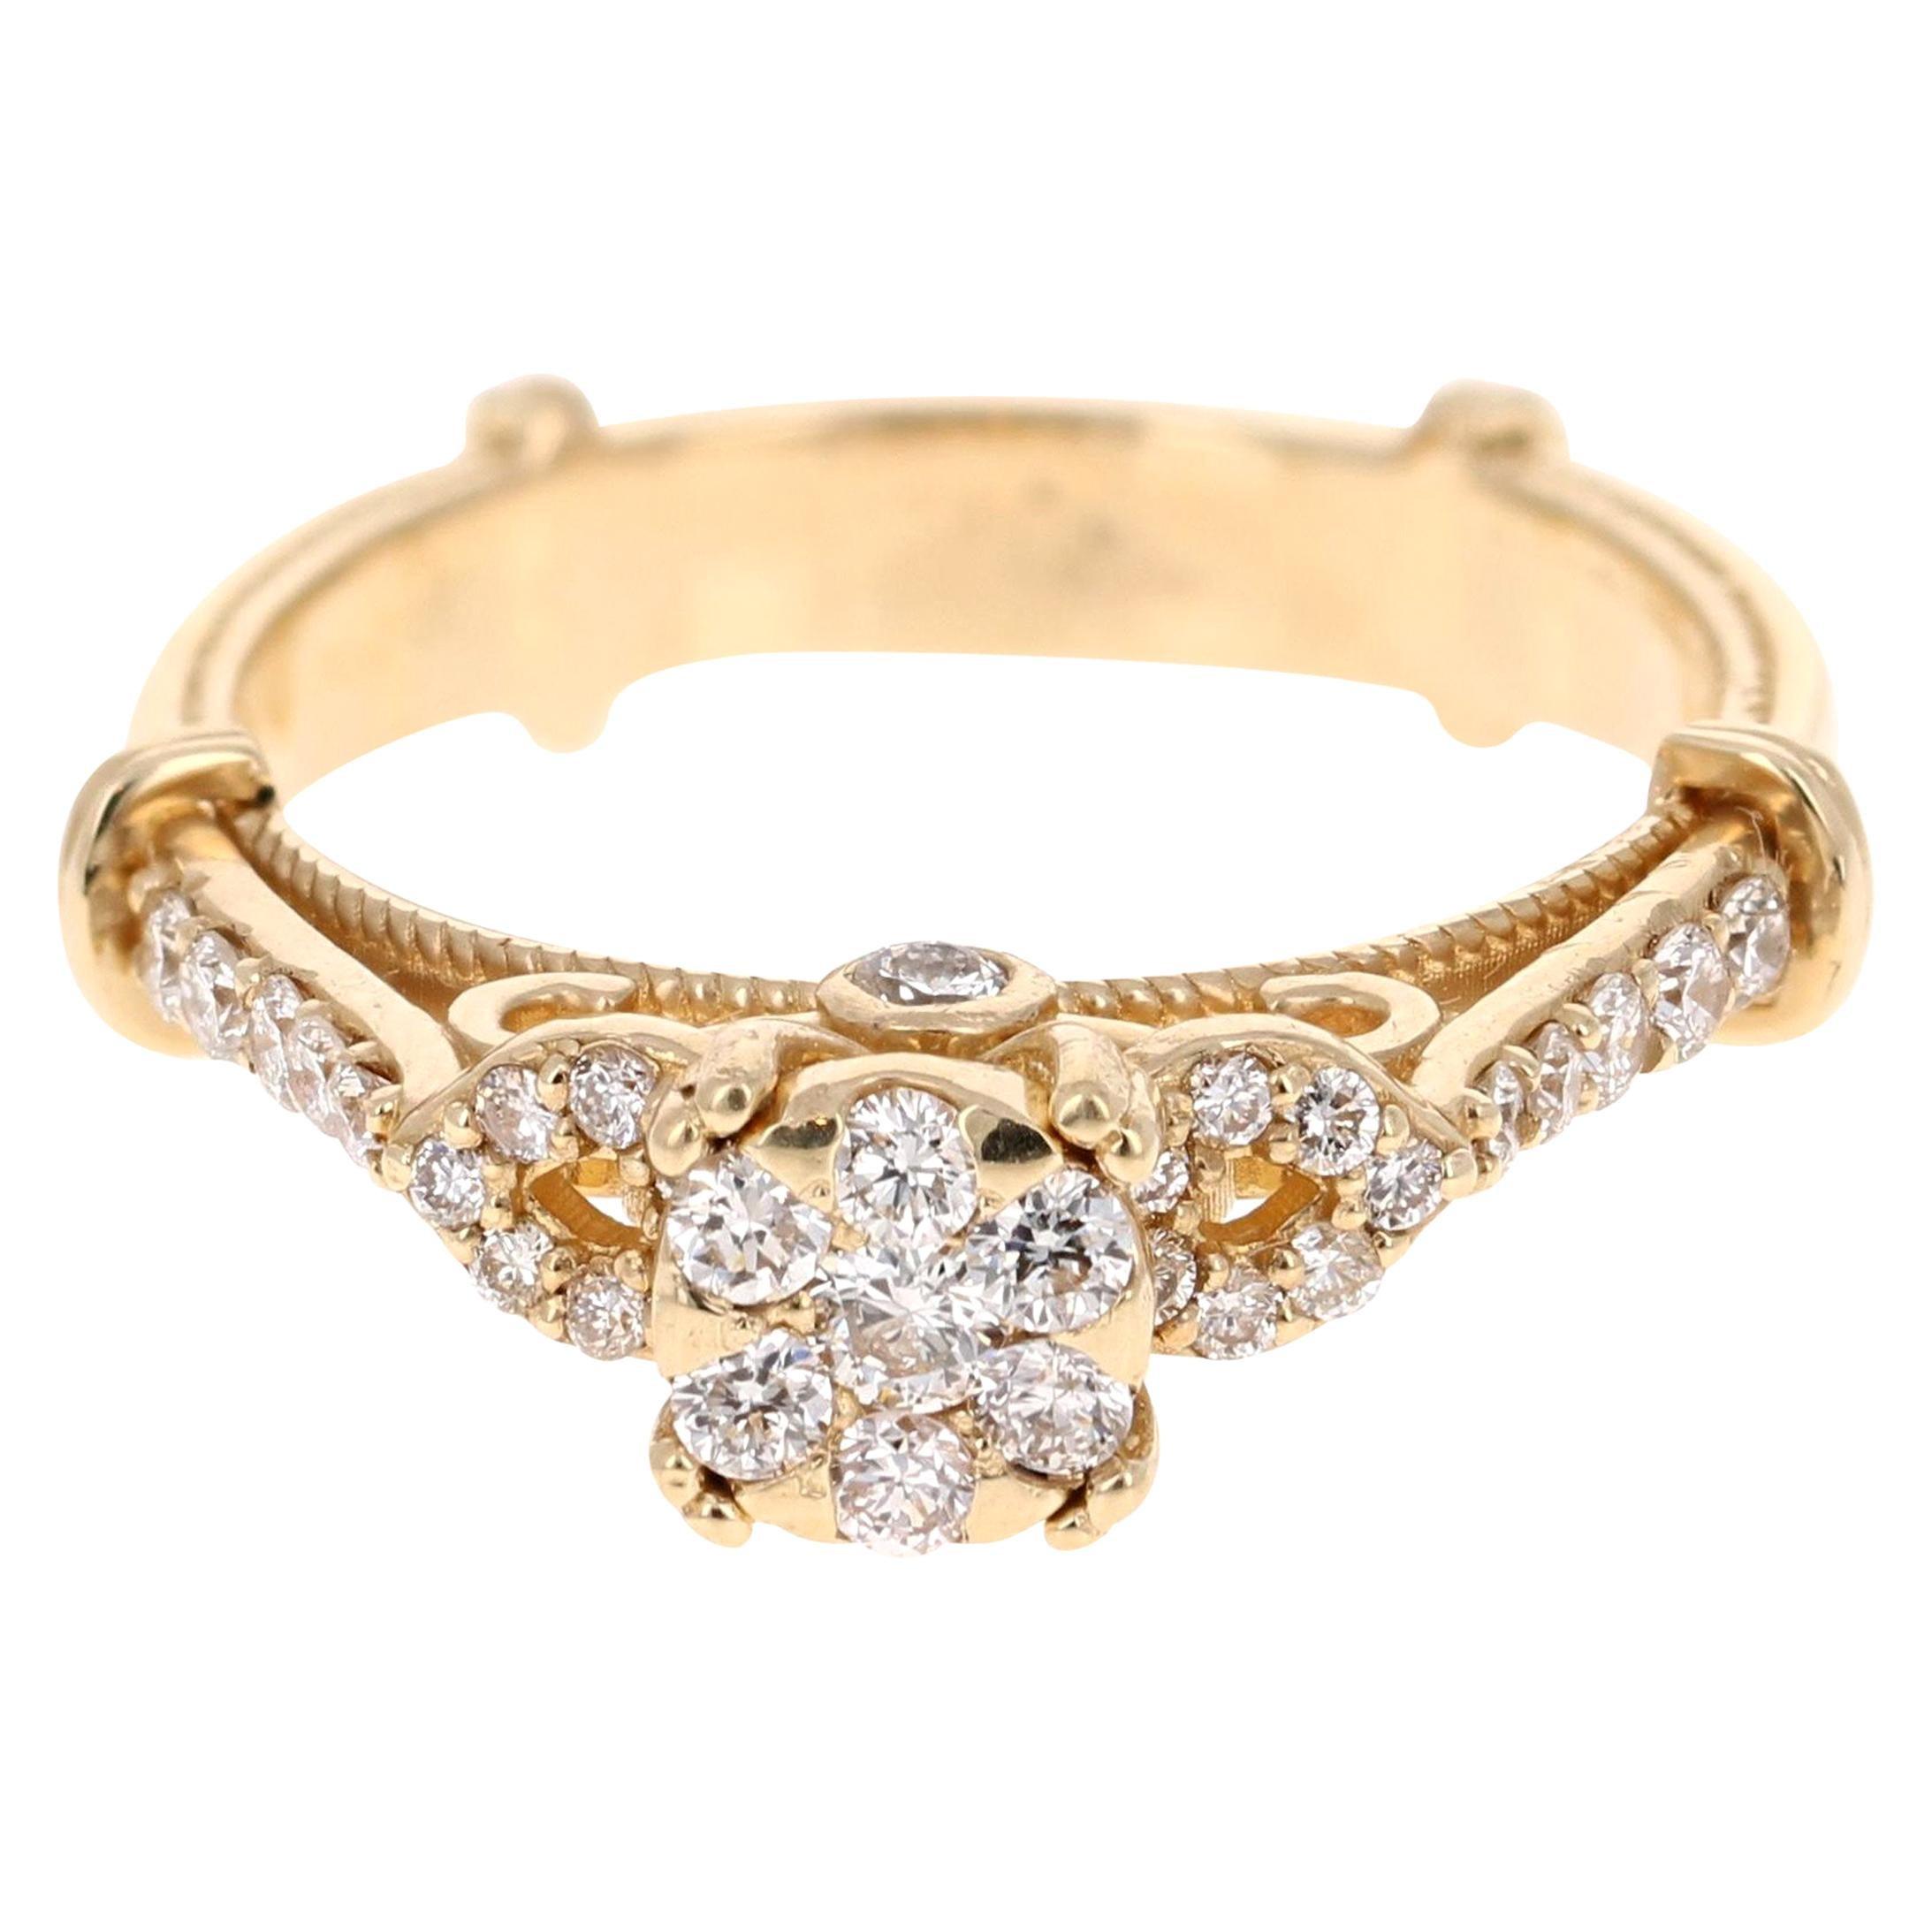 0.50 Carat Diamond 14 Karat Yellow Gold Ring